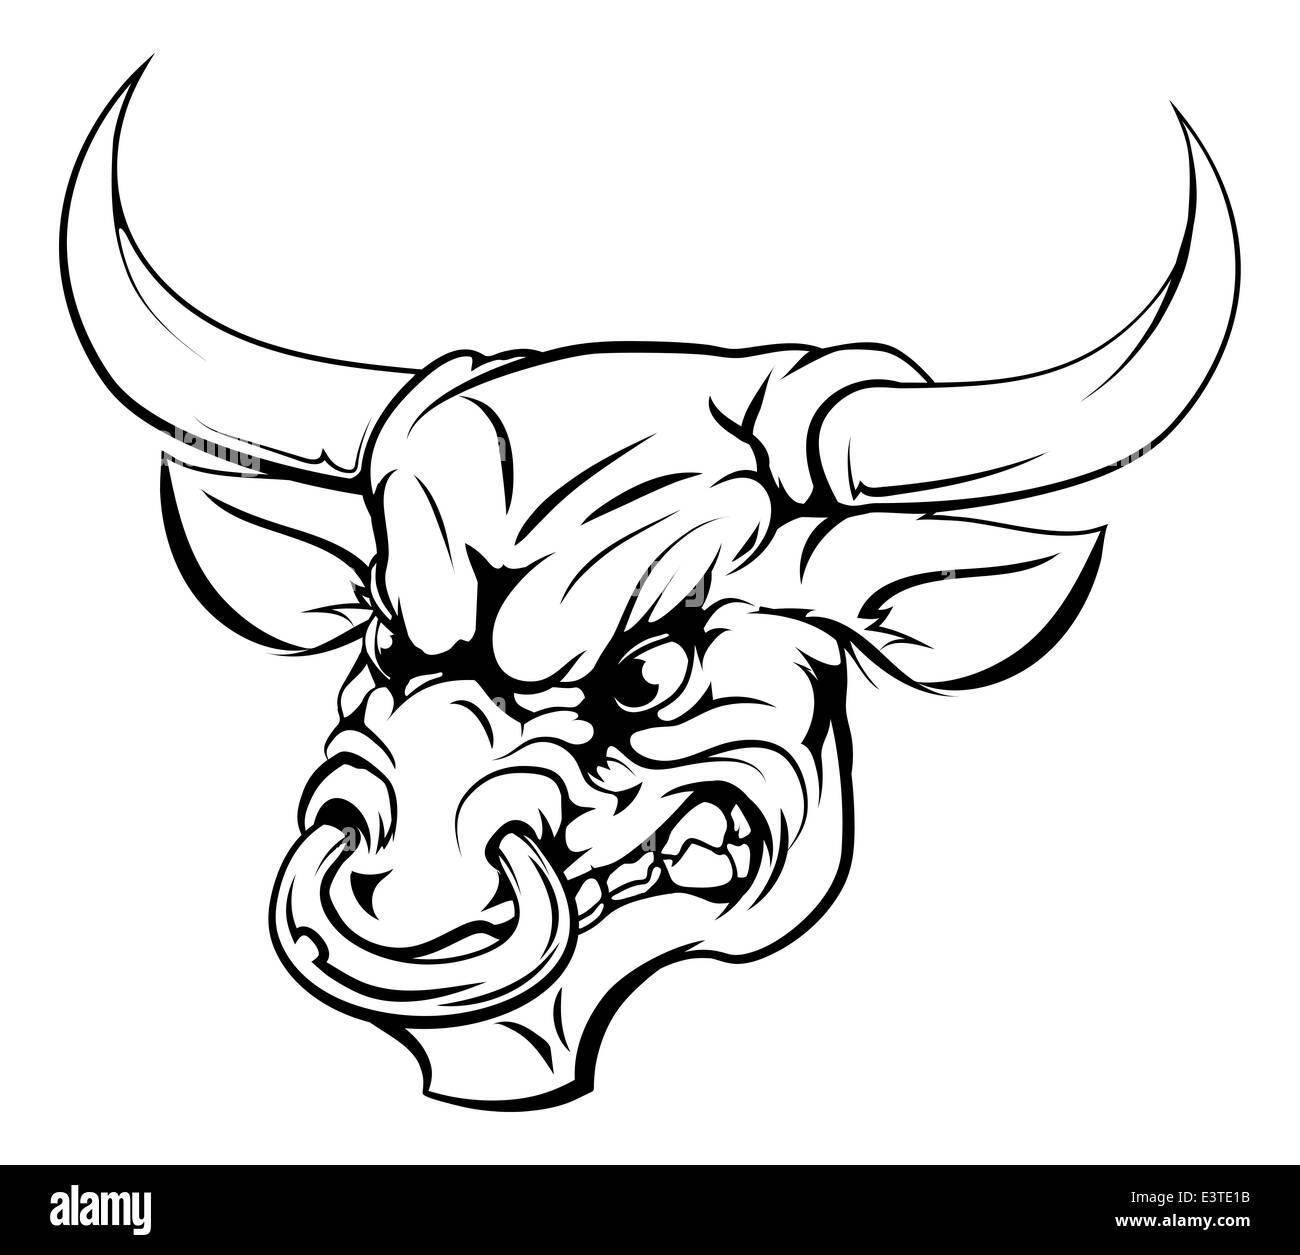 Eine schwarz / weiß Darstellung einen wilden Stier Tier Charakter